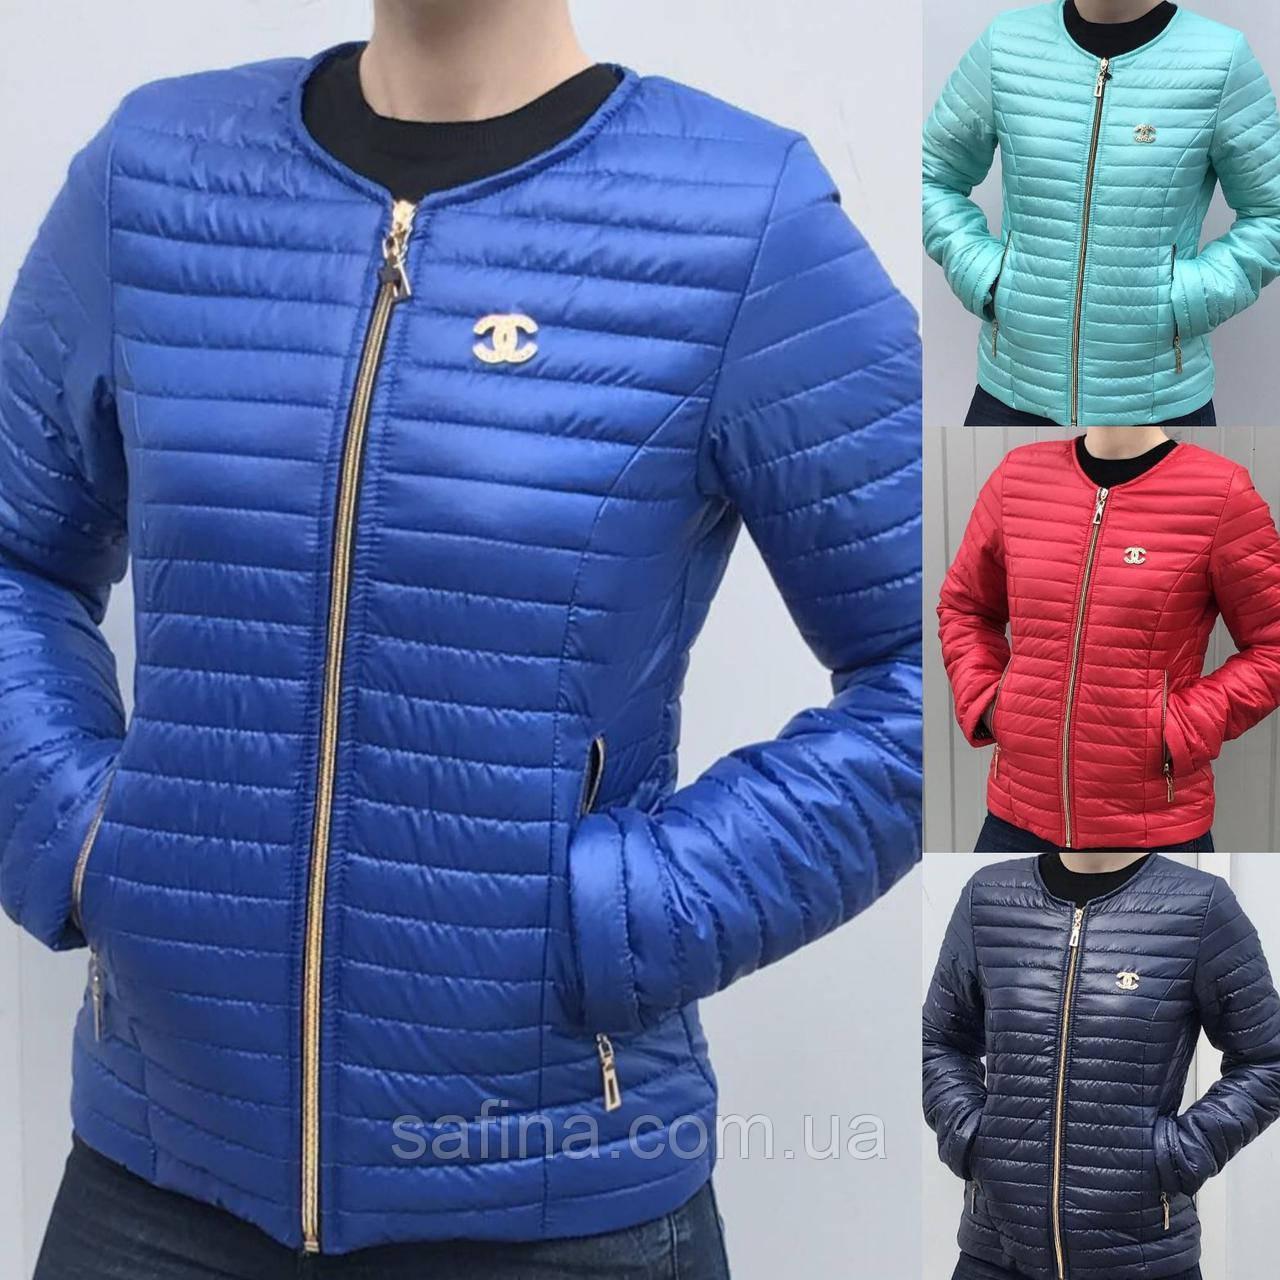 Легкая женская курточка